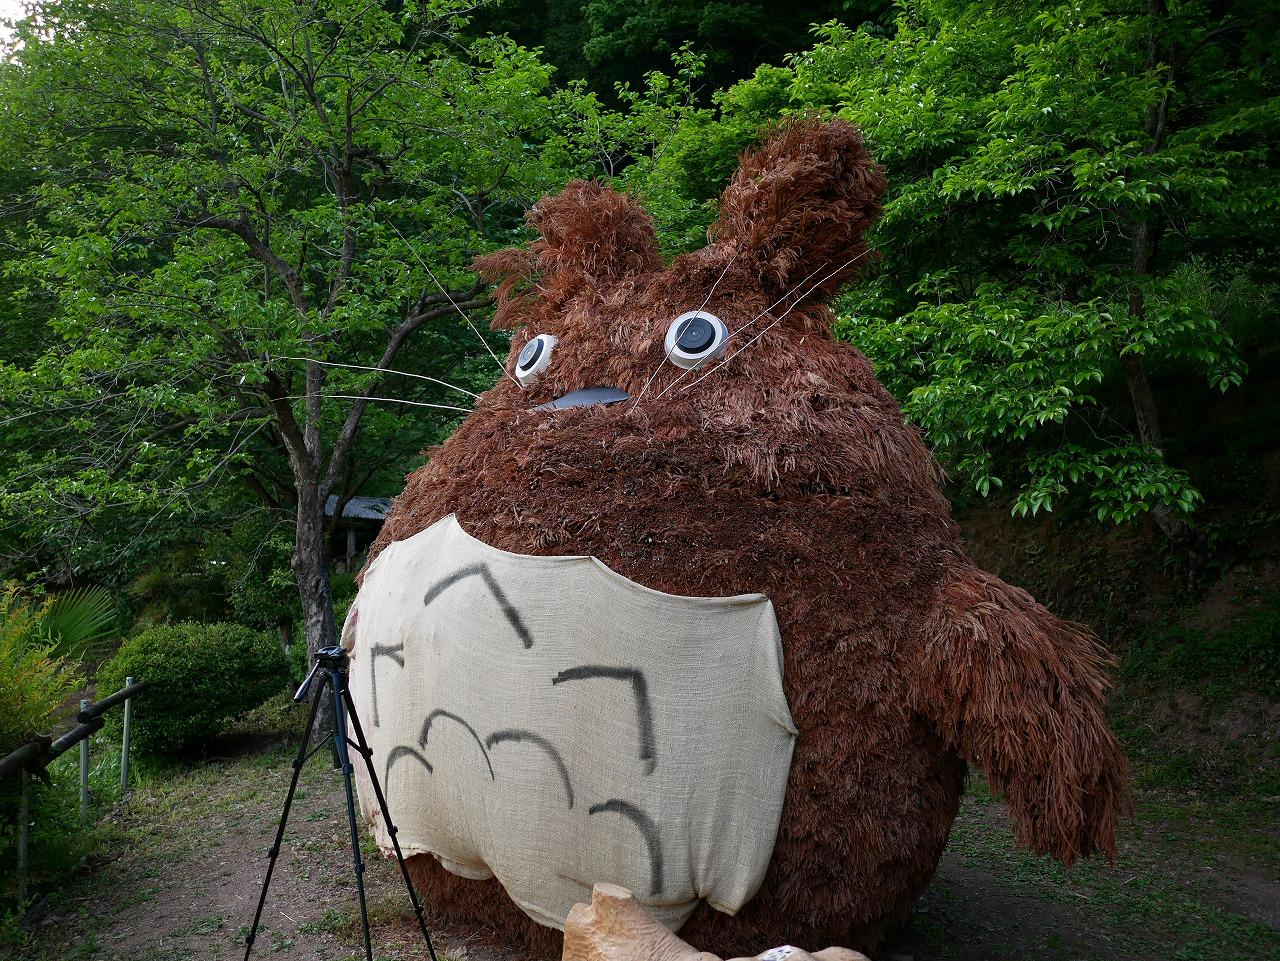 """【秩父ドライブ】""""館川ダム"""" と """"どんぐり山のトトロ"""" を見に行ってきました"""